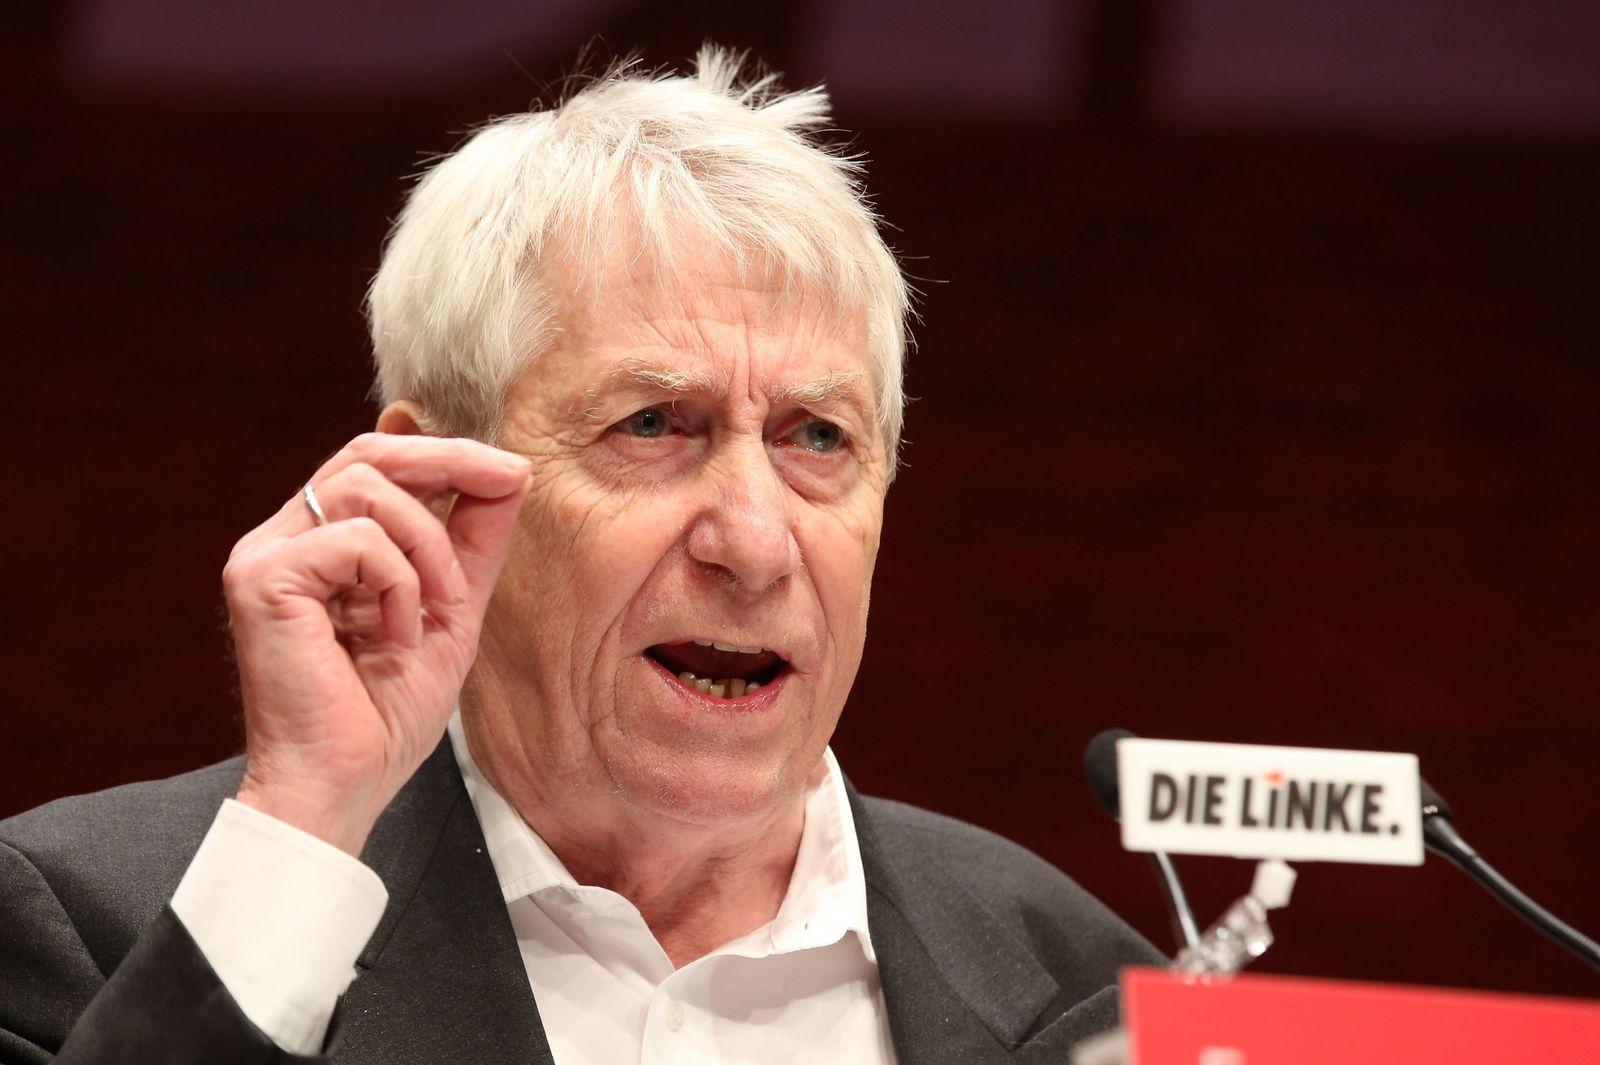 Wolfgang Gehrcke/ Die Linke